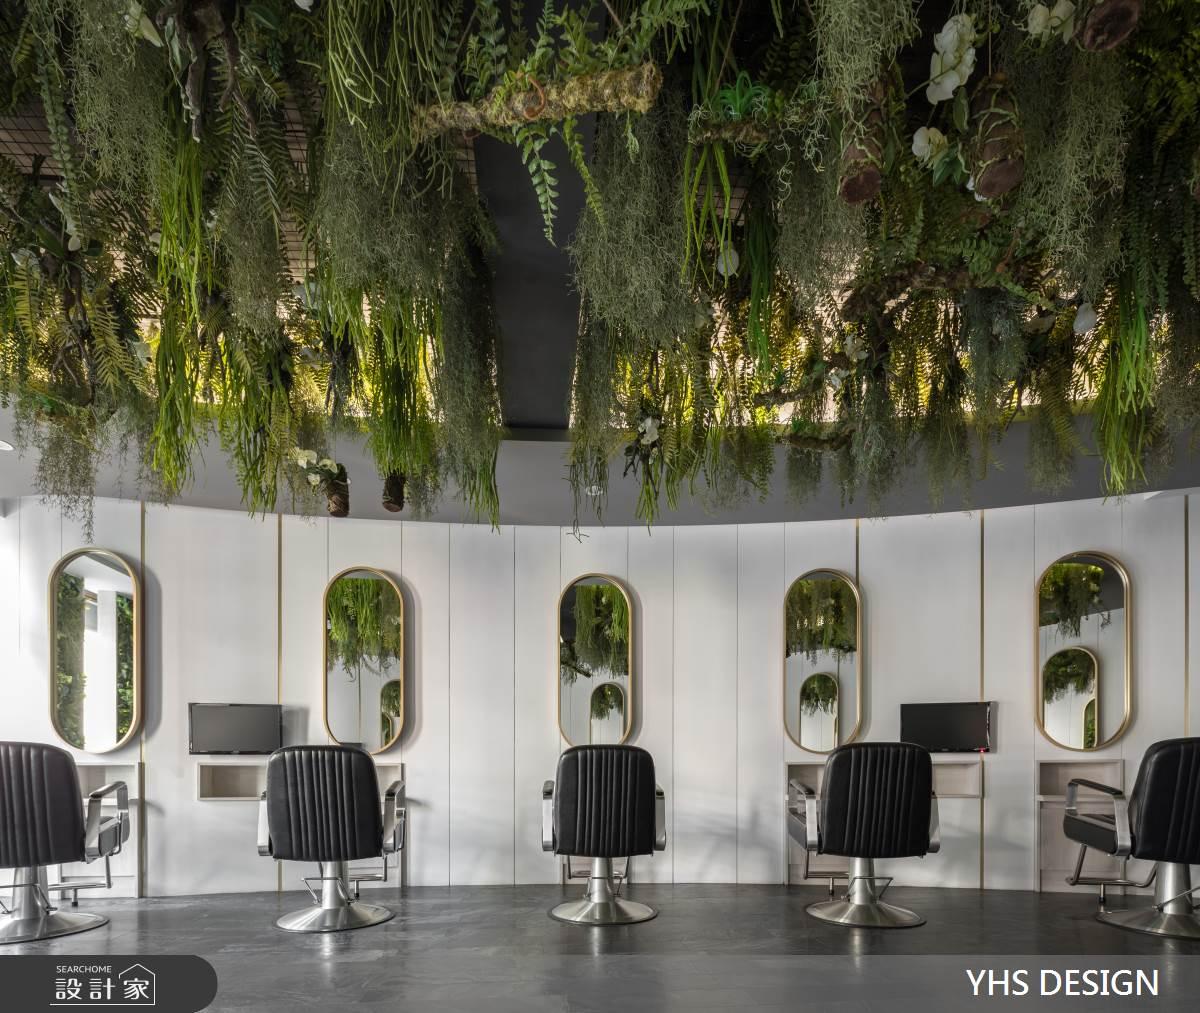 21坪_現代風商業空間案例圖片_YHS DESIGN設計事業_YHS_丰采之4